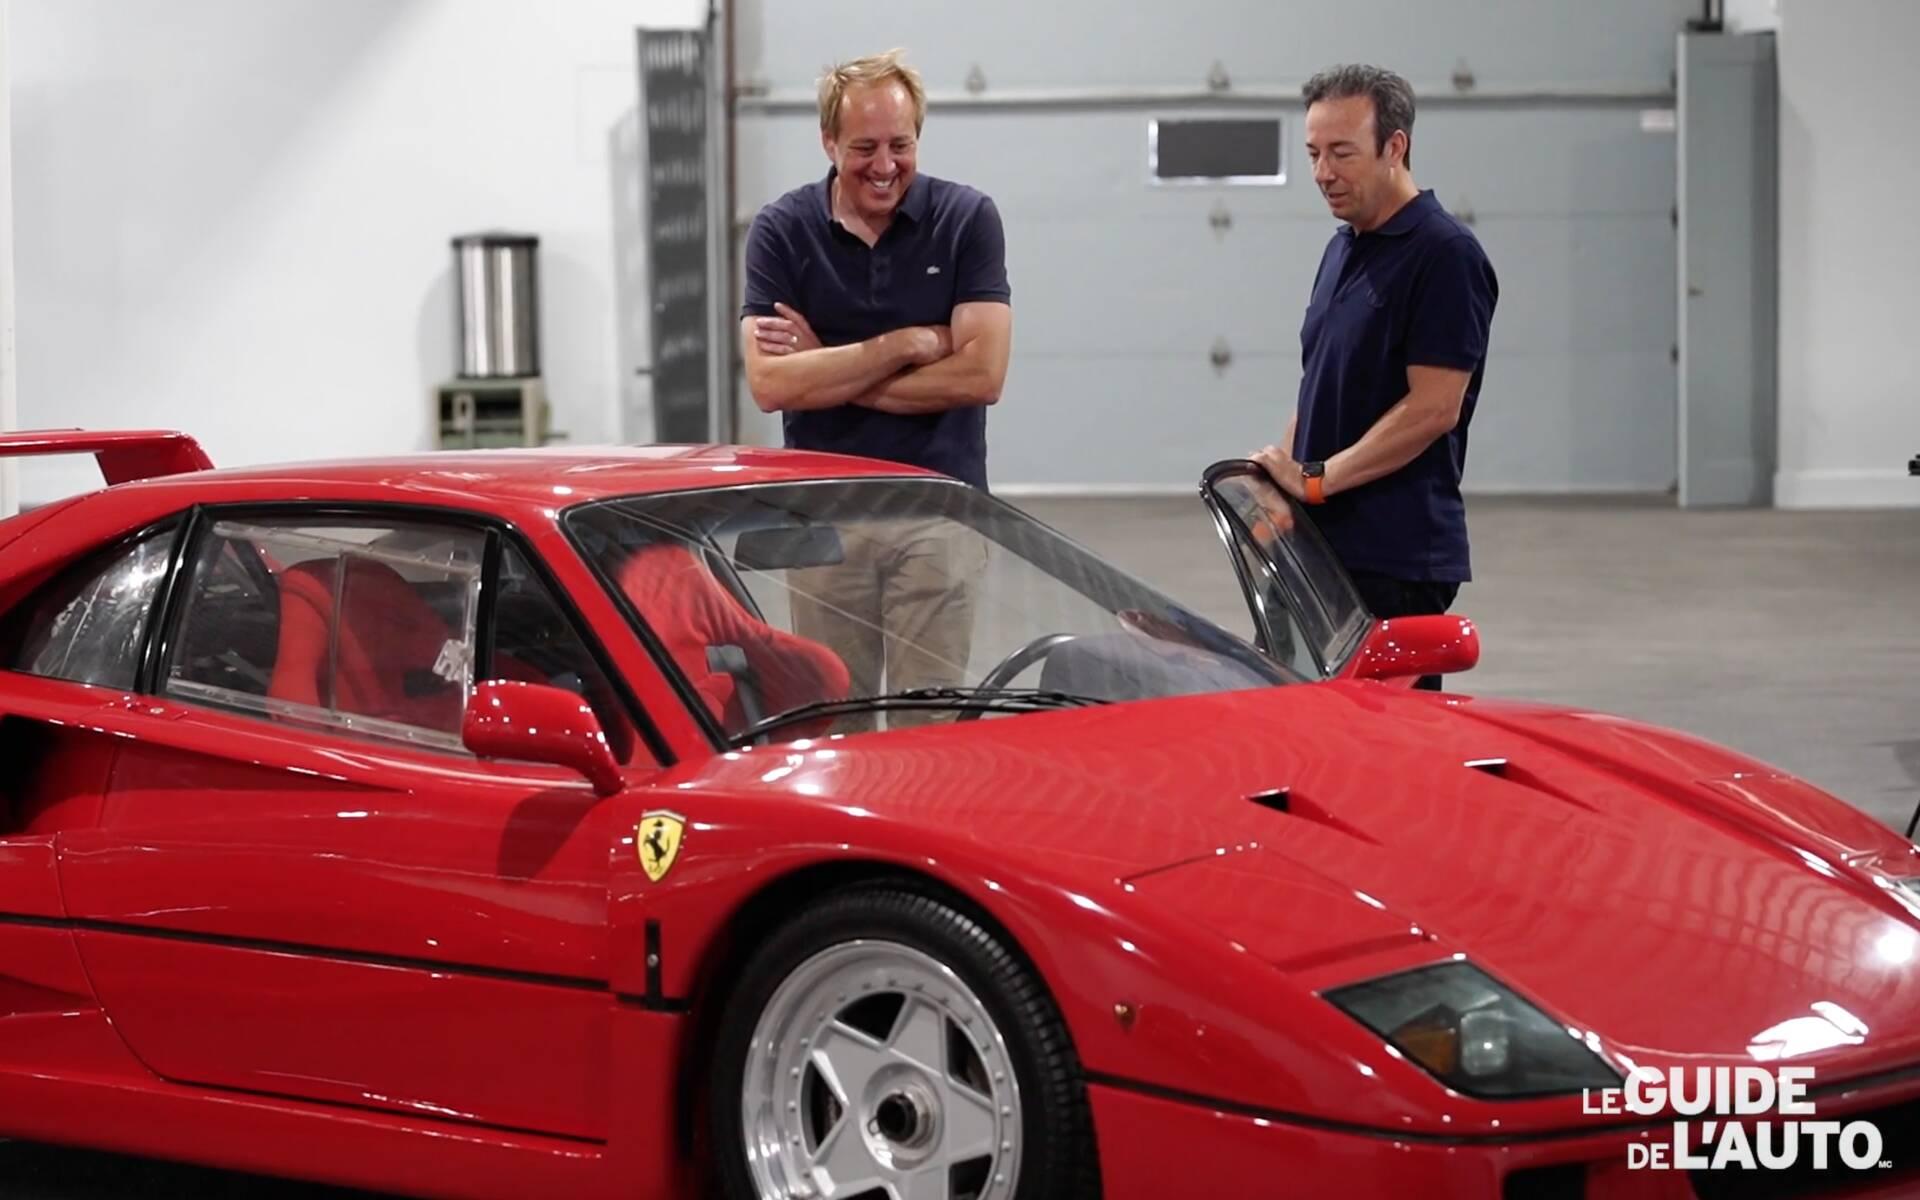 En Vidéo Un Québécois Présente Sa Collection Exceptionnelle De Ferrari Guide Auto